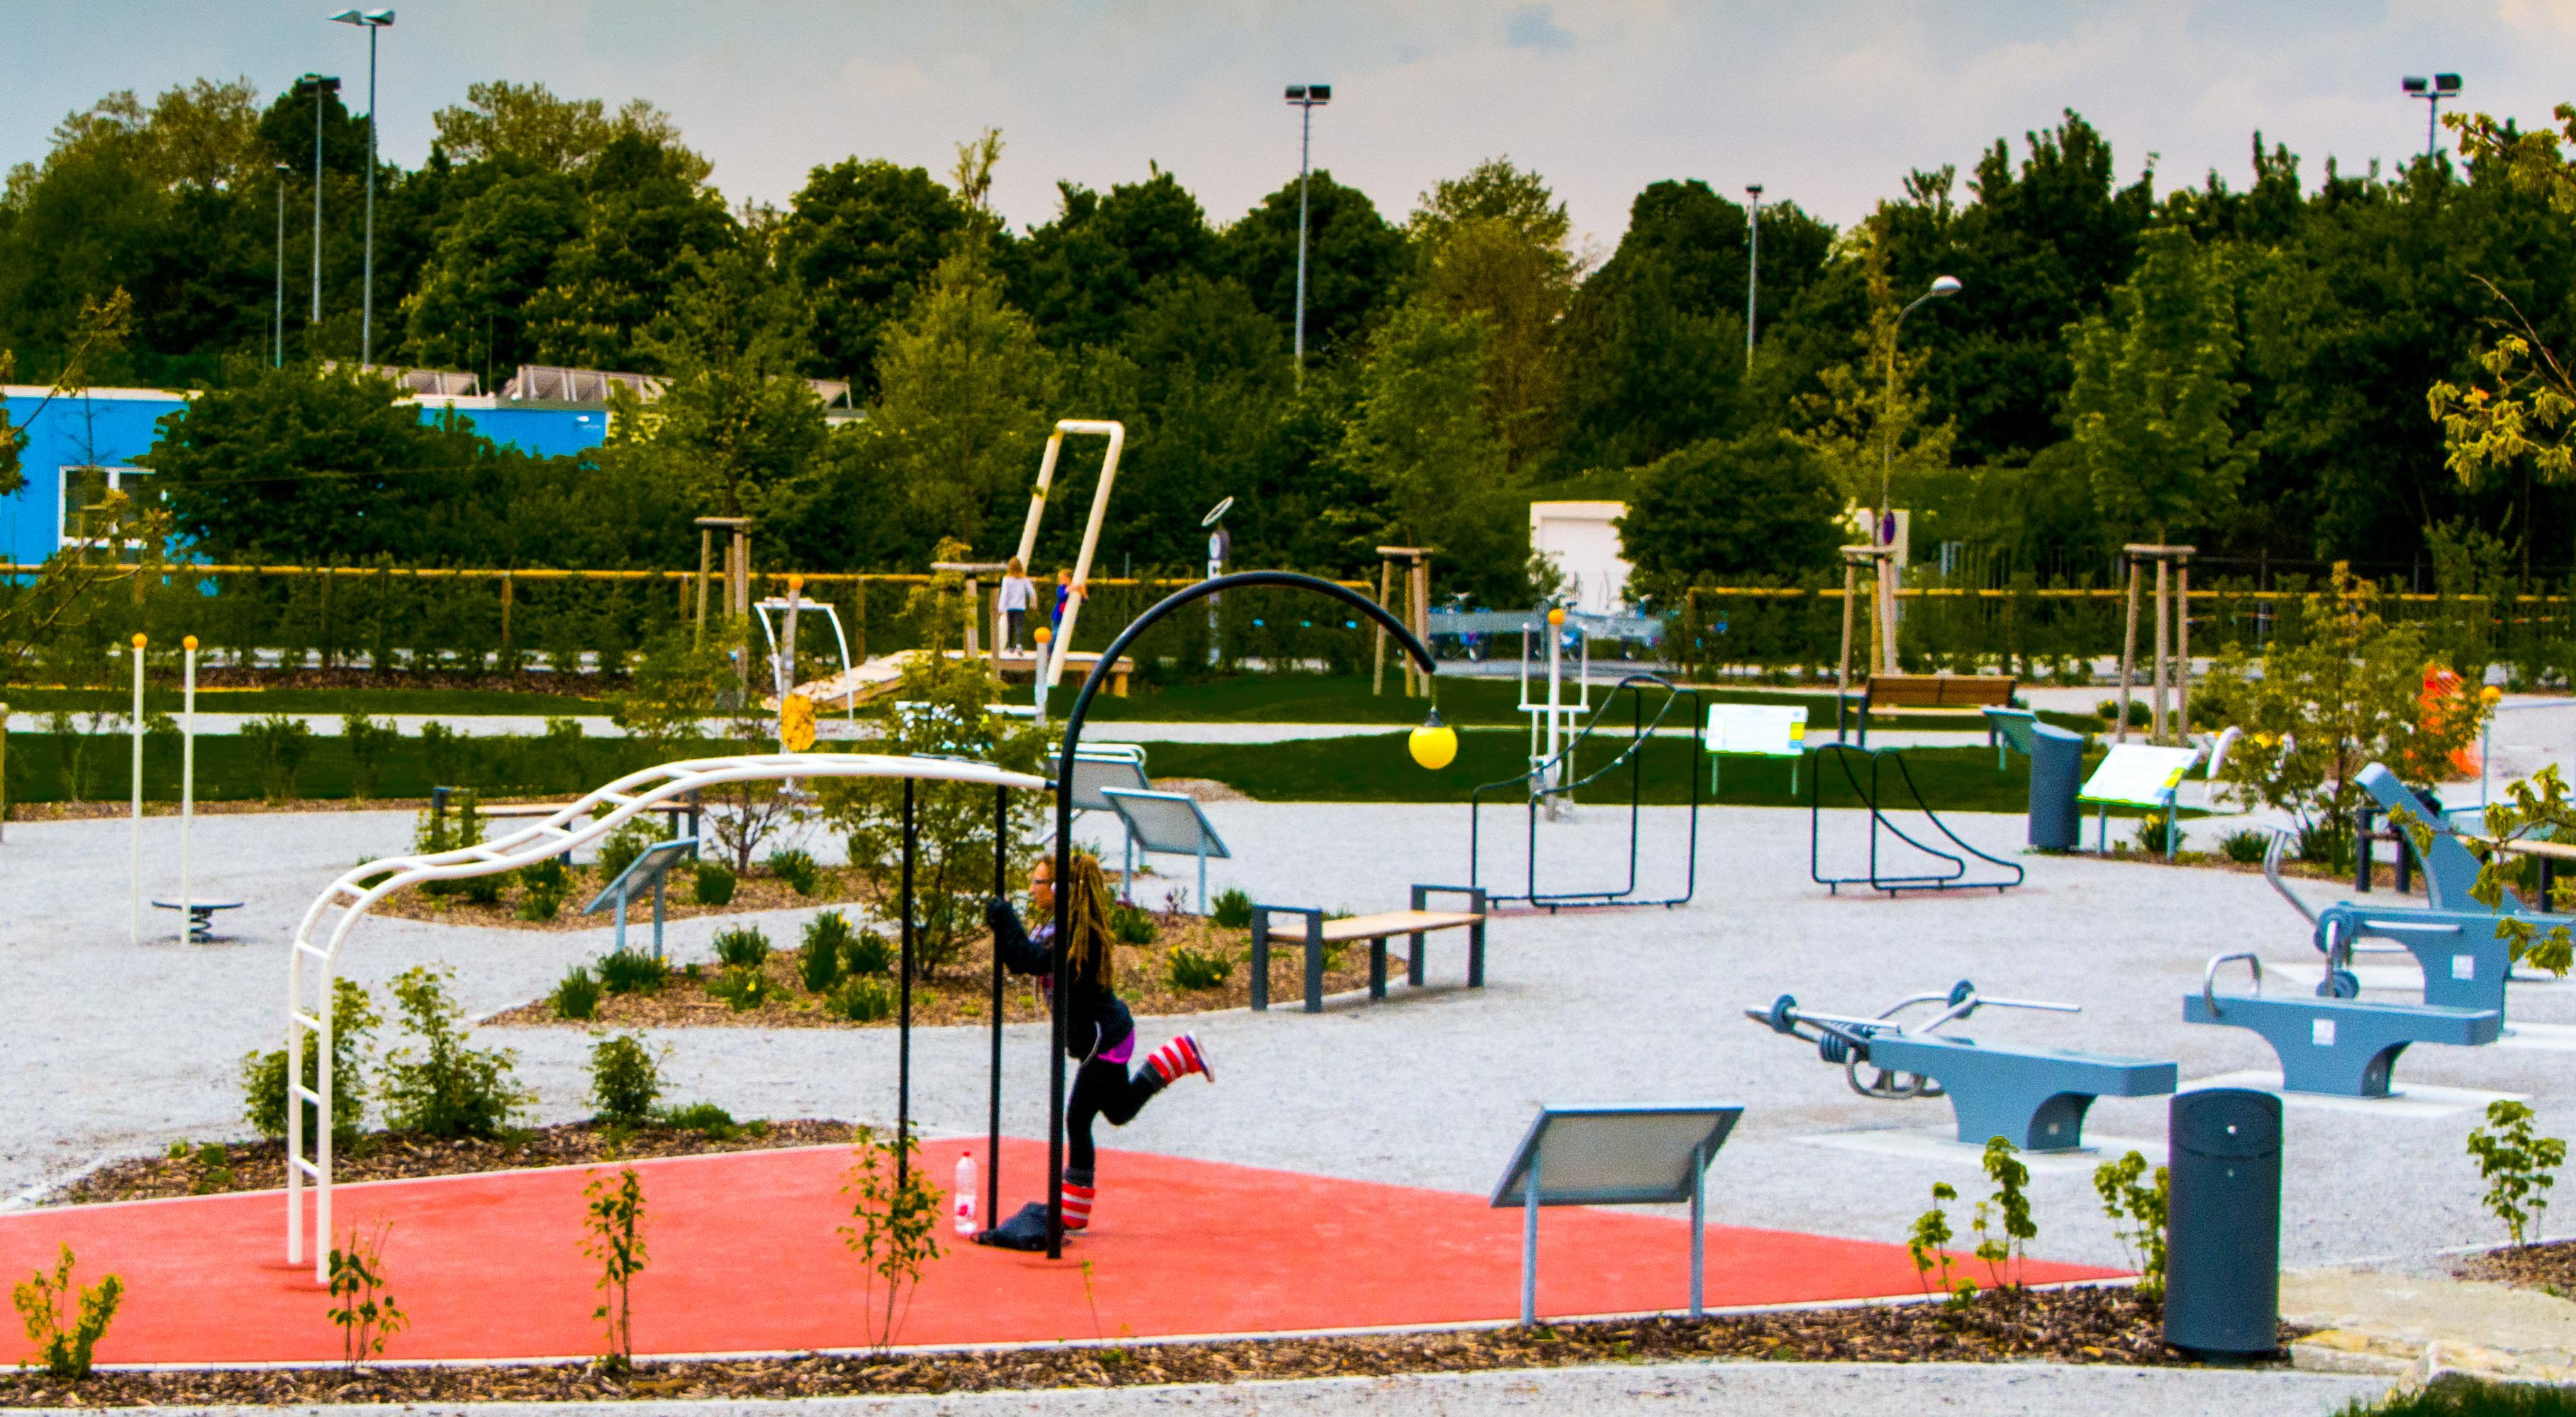 Alleine oder mit Freunden: Für Studierende bietet die Erlbeniswelt eine kostenlose Möglichkeit, Sport zu treiben. Foto: Philip Hiller